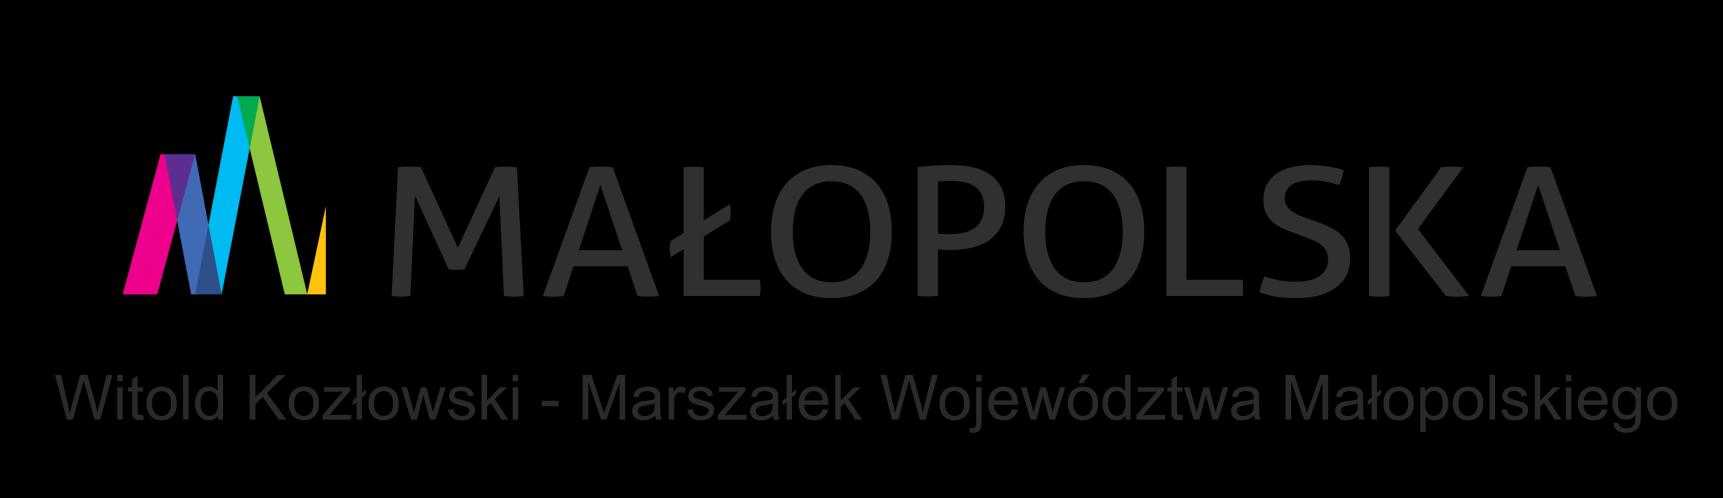 malopolska.png